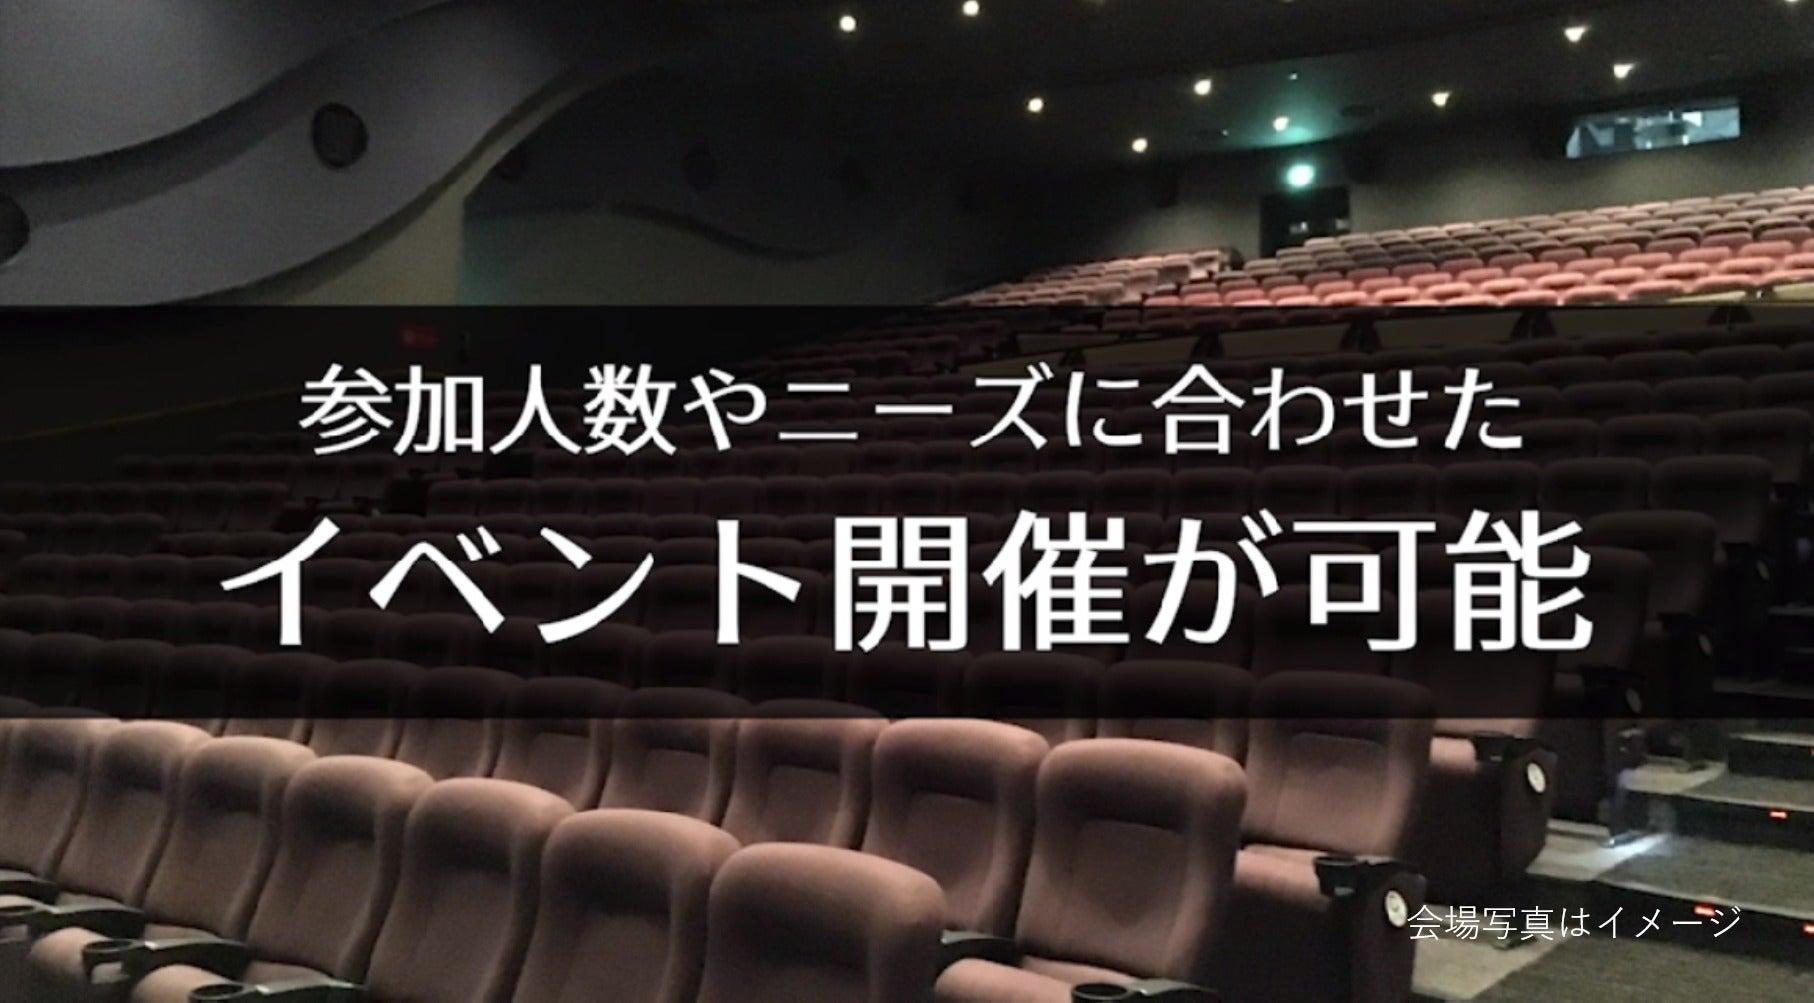 【新座 124席】映画館で、会社説明会、株主総会、講演会の企画はいかがですか?(ユナイテッド・シネマ新座) の写真0